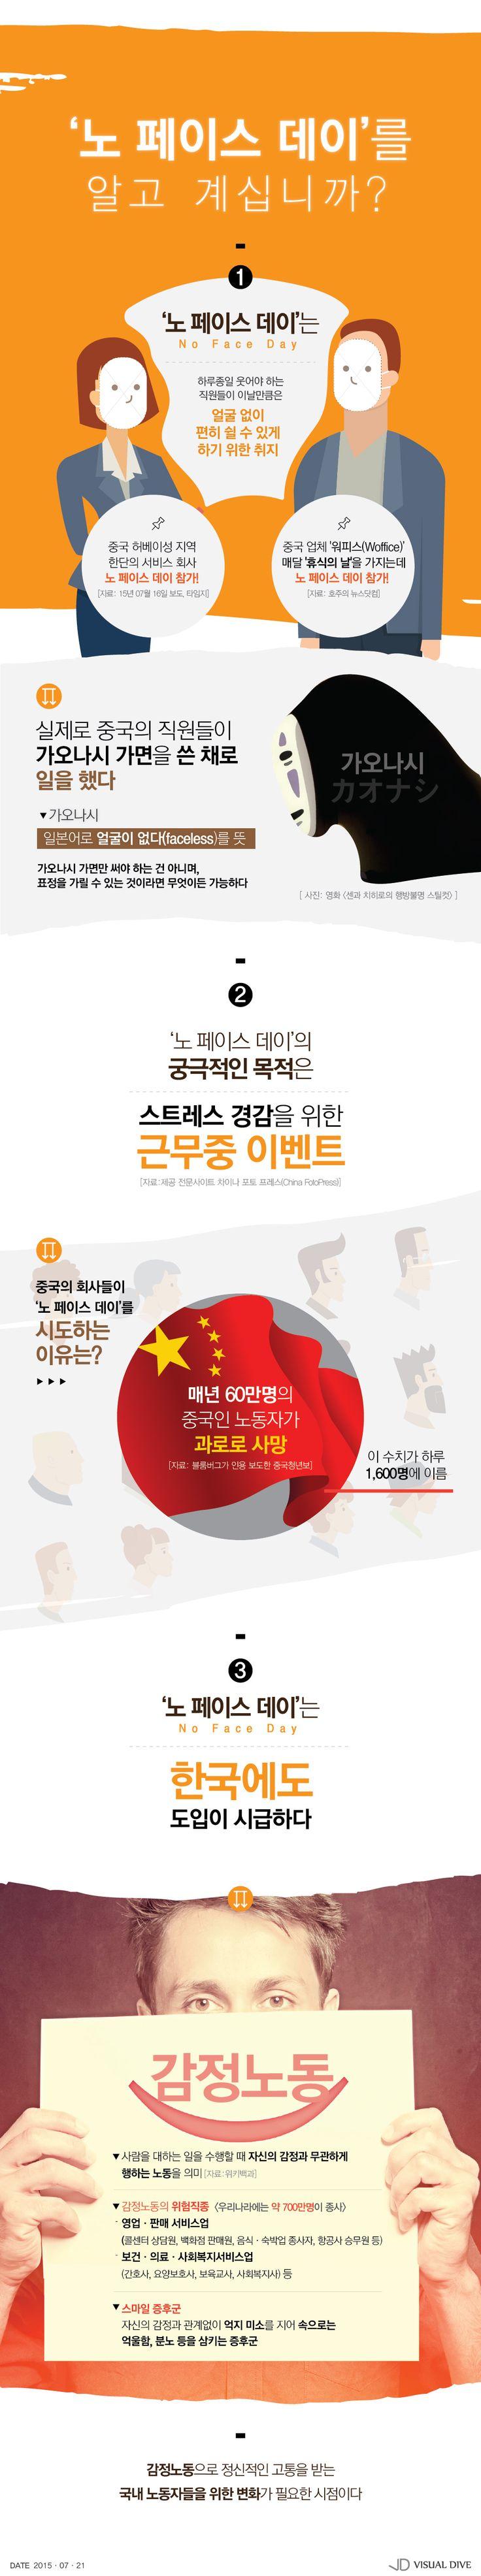 중국인이 '가오나시' 가면 쓰는 이유 [인포그래픽] #No_Face_Day / #Infographic ⓒ 비주얼다이브 무단 복사·전재·재배포 금지